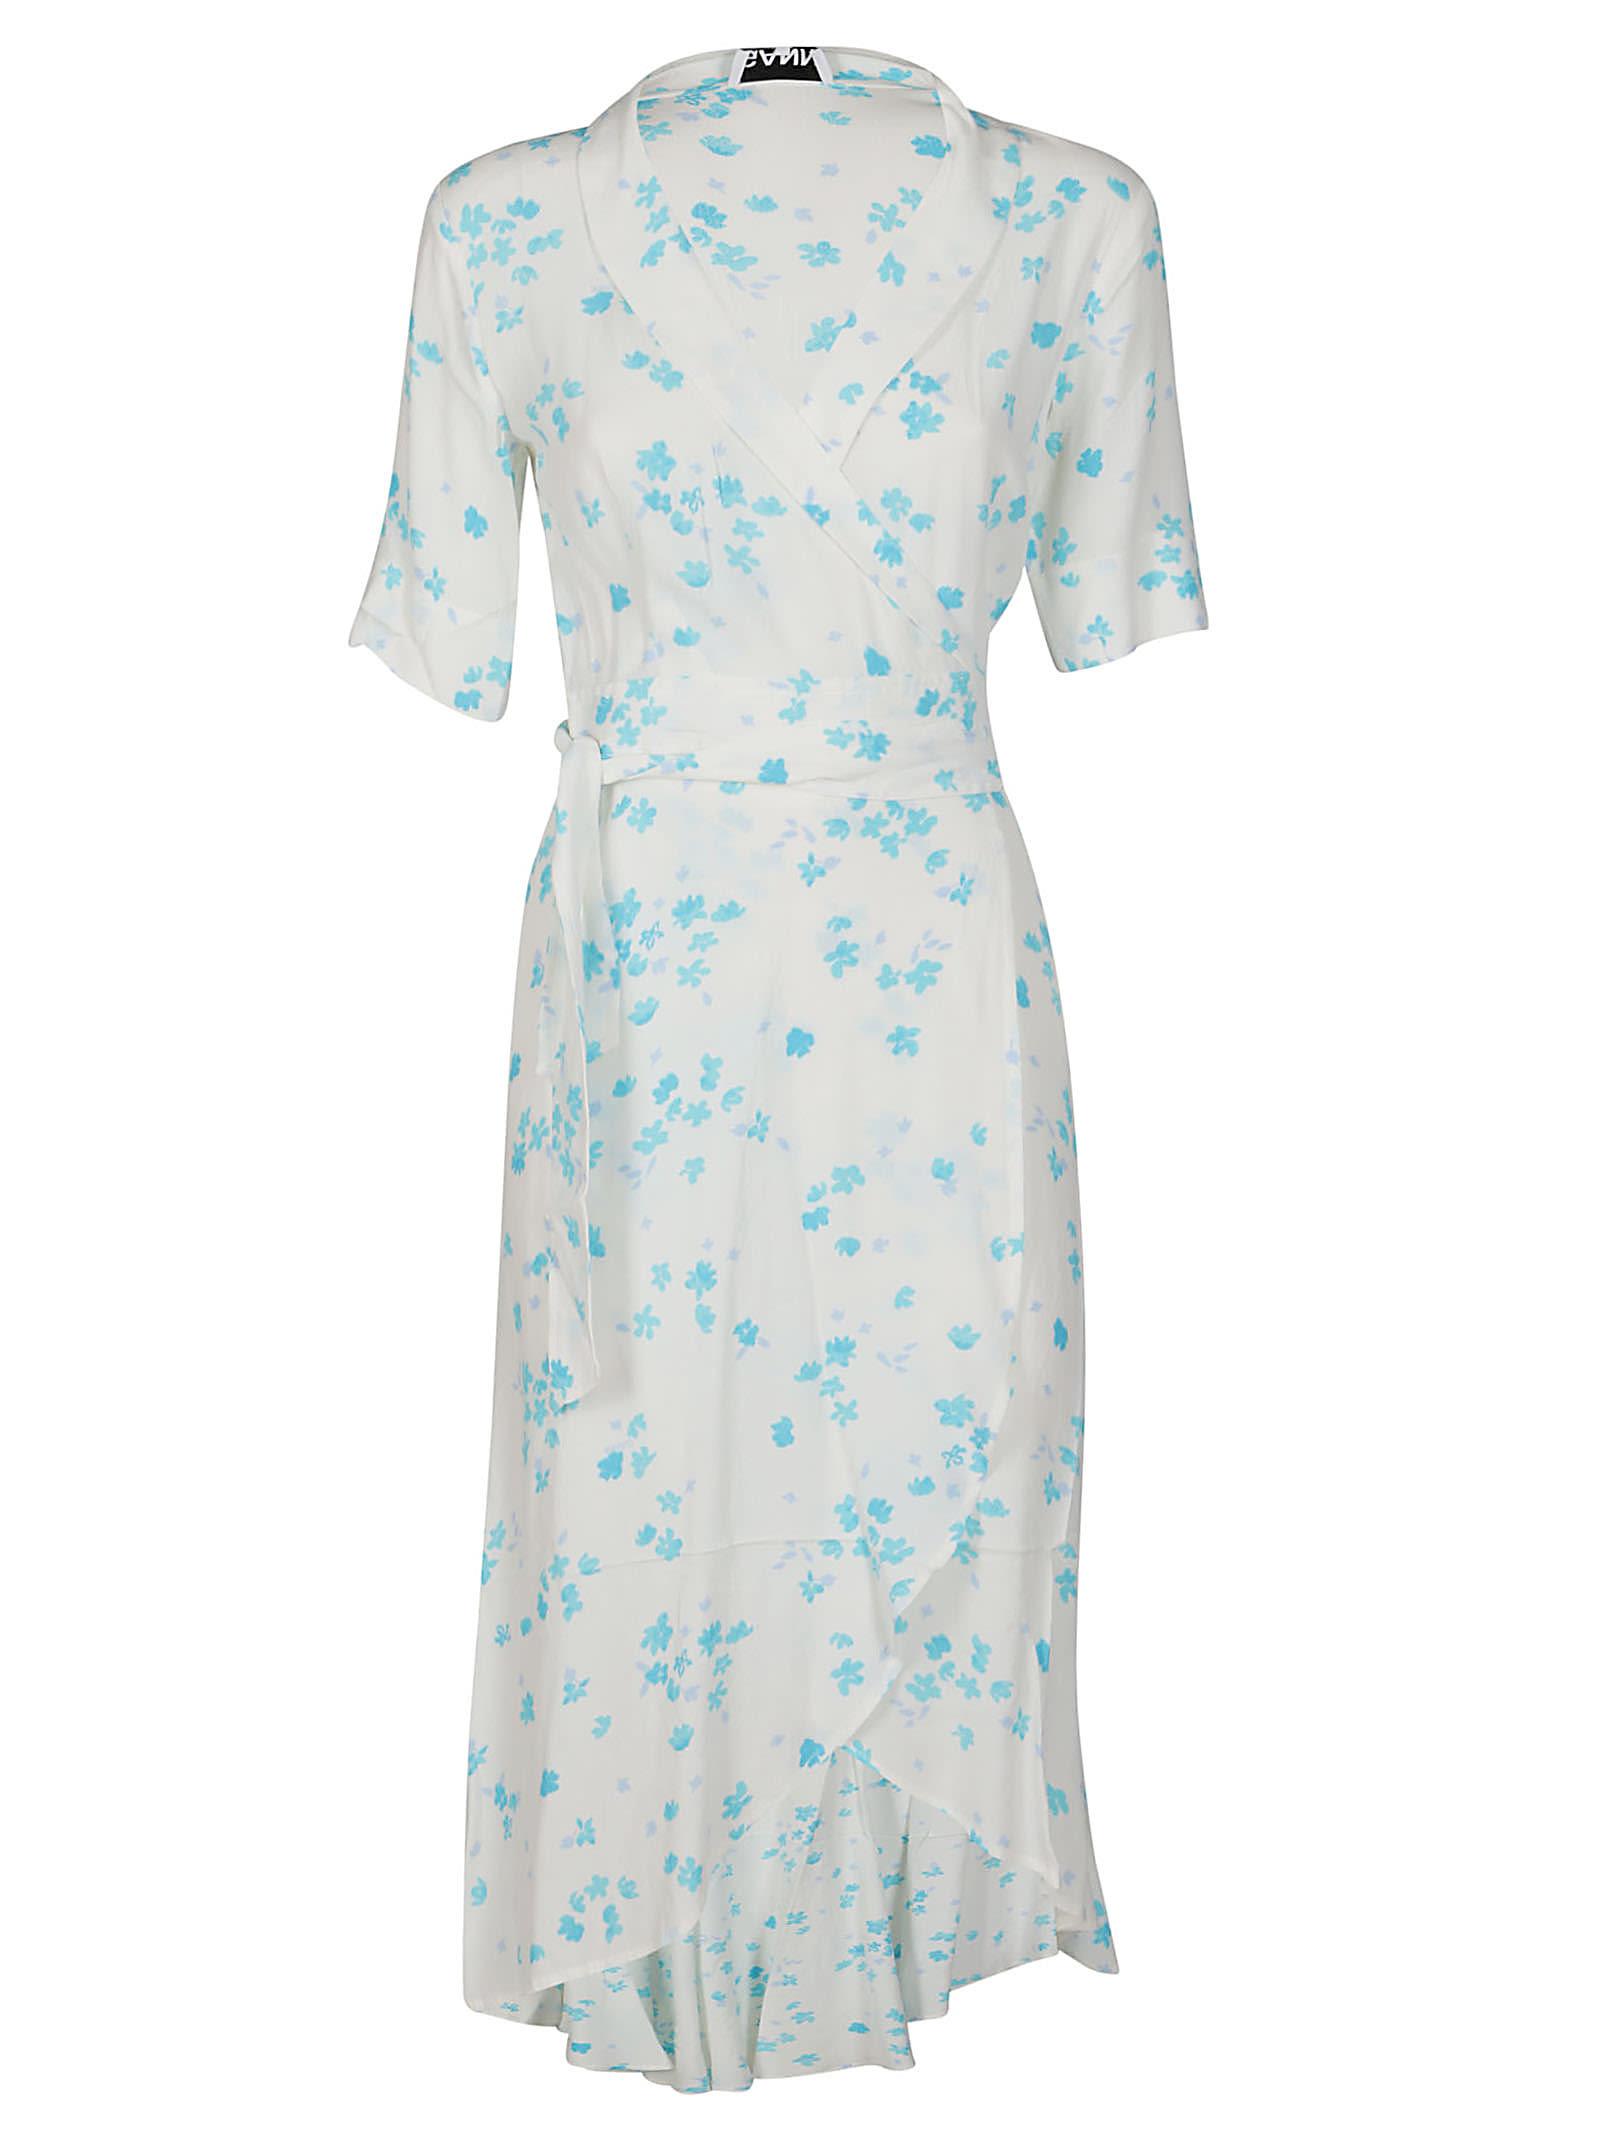 White And Light Blue Viscose-linen Blend Dress